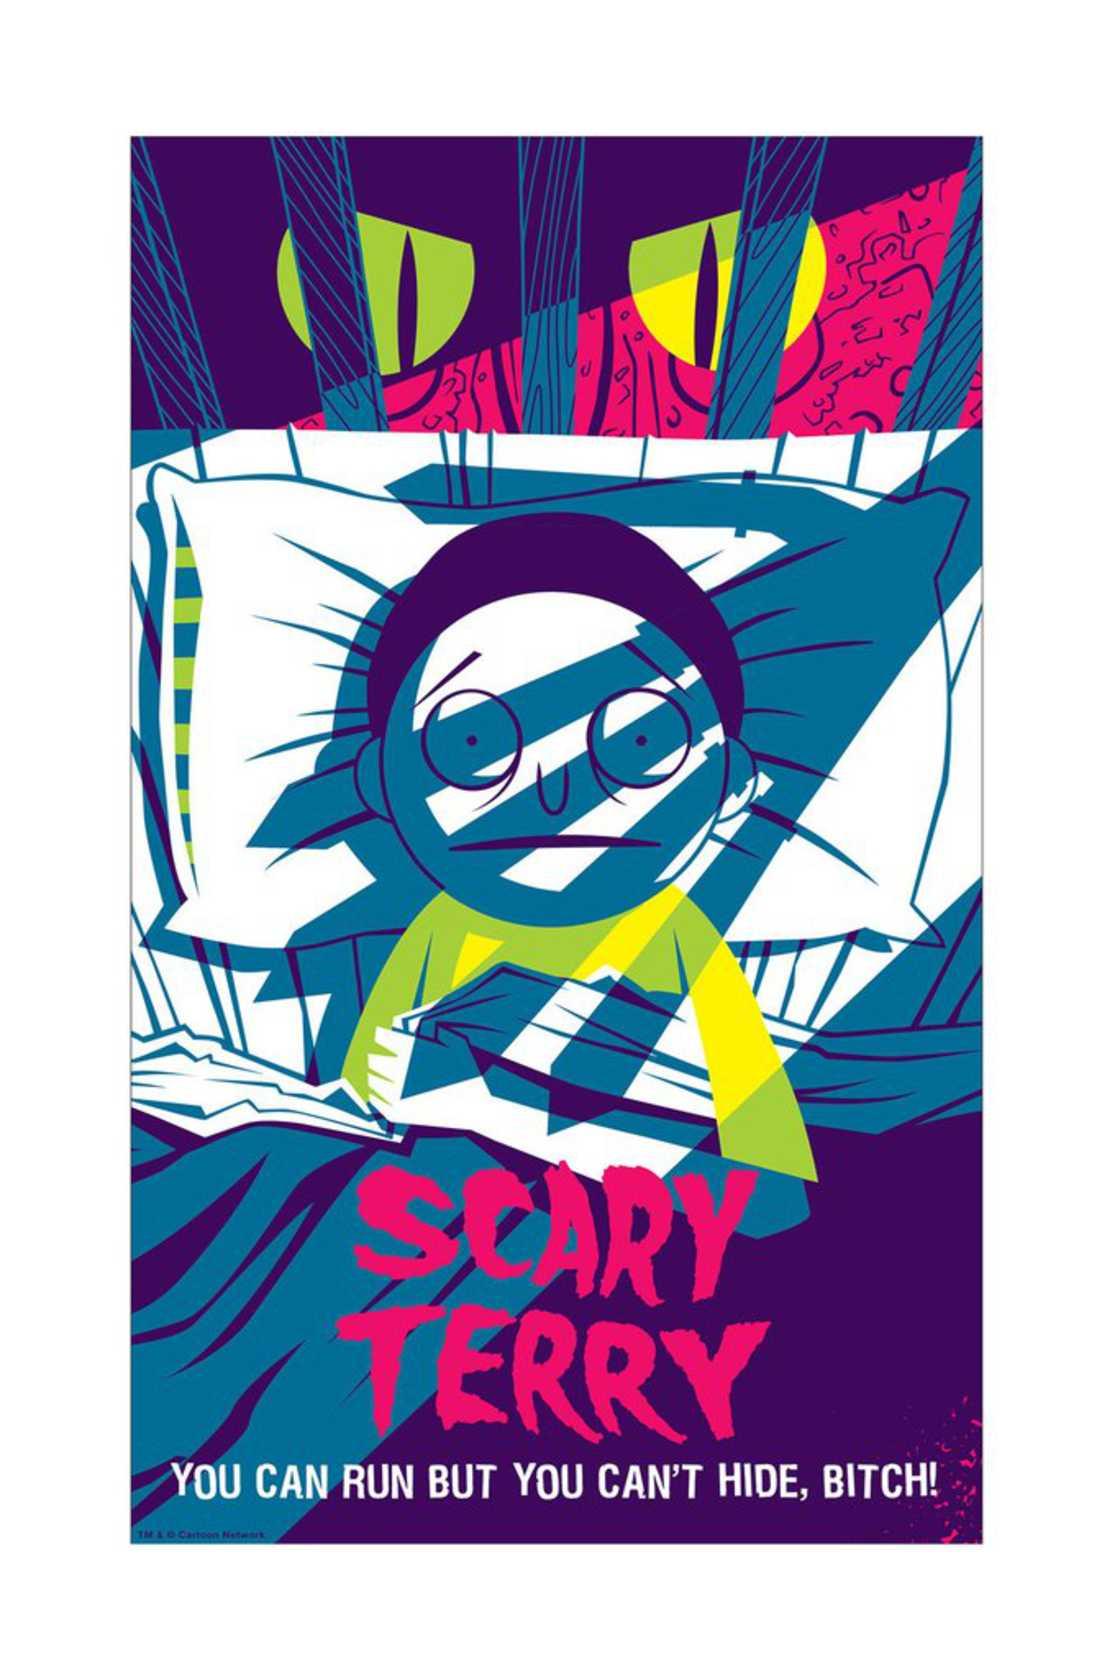 Rick et Morty - Une exposition en hommage au meilleur cartoon de tous les temps